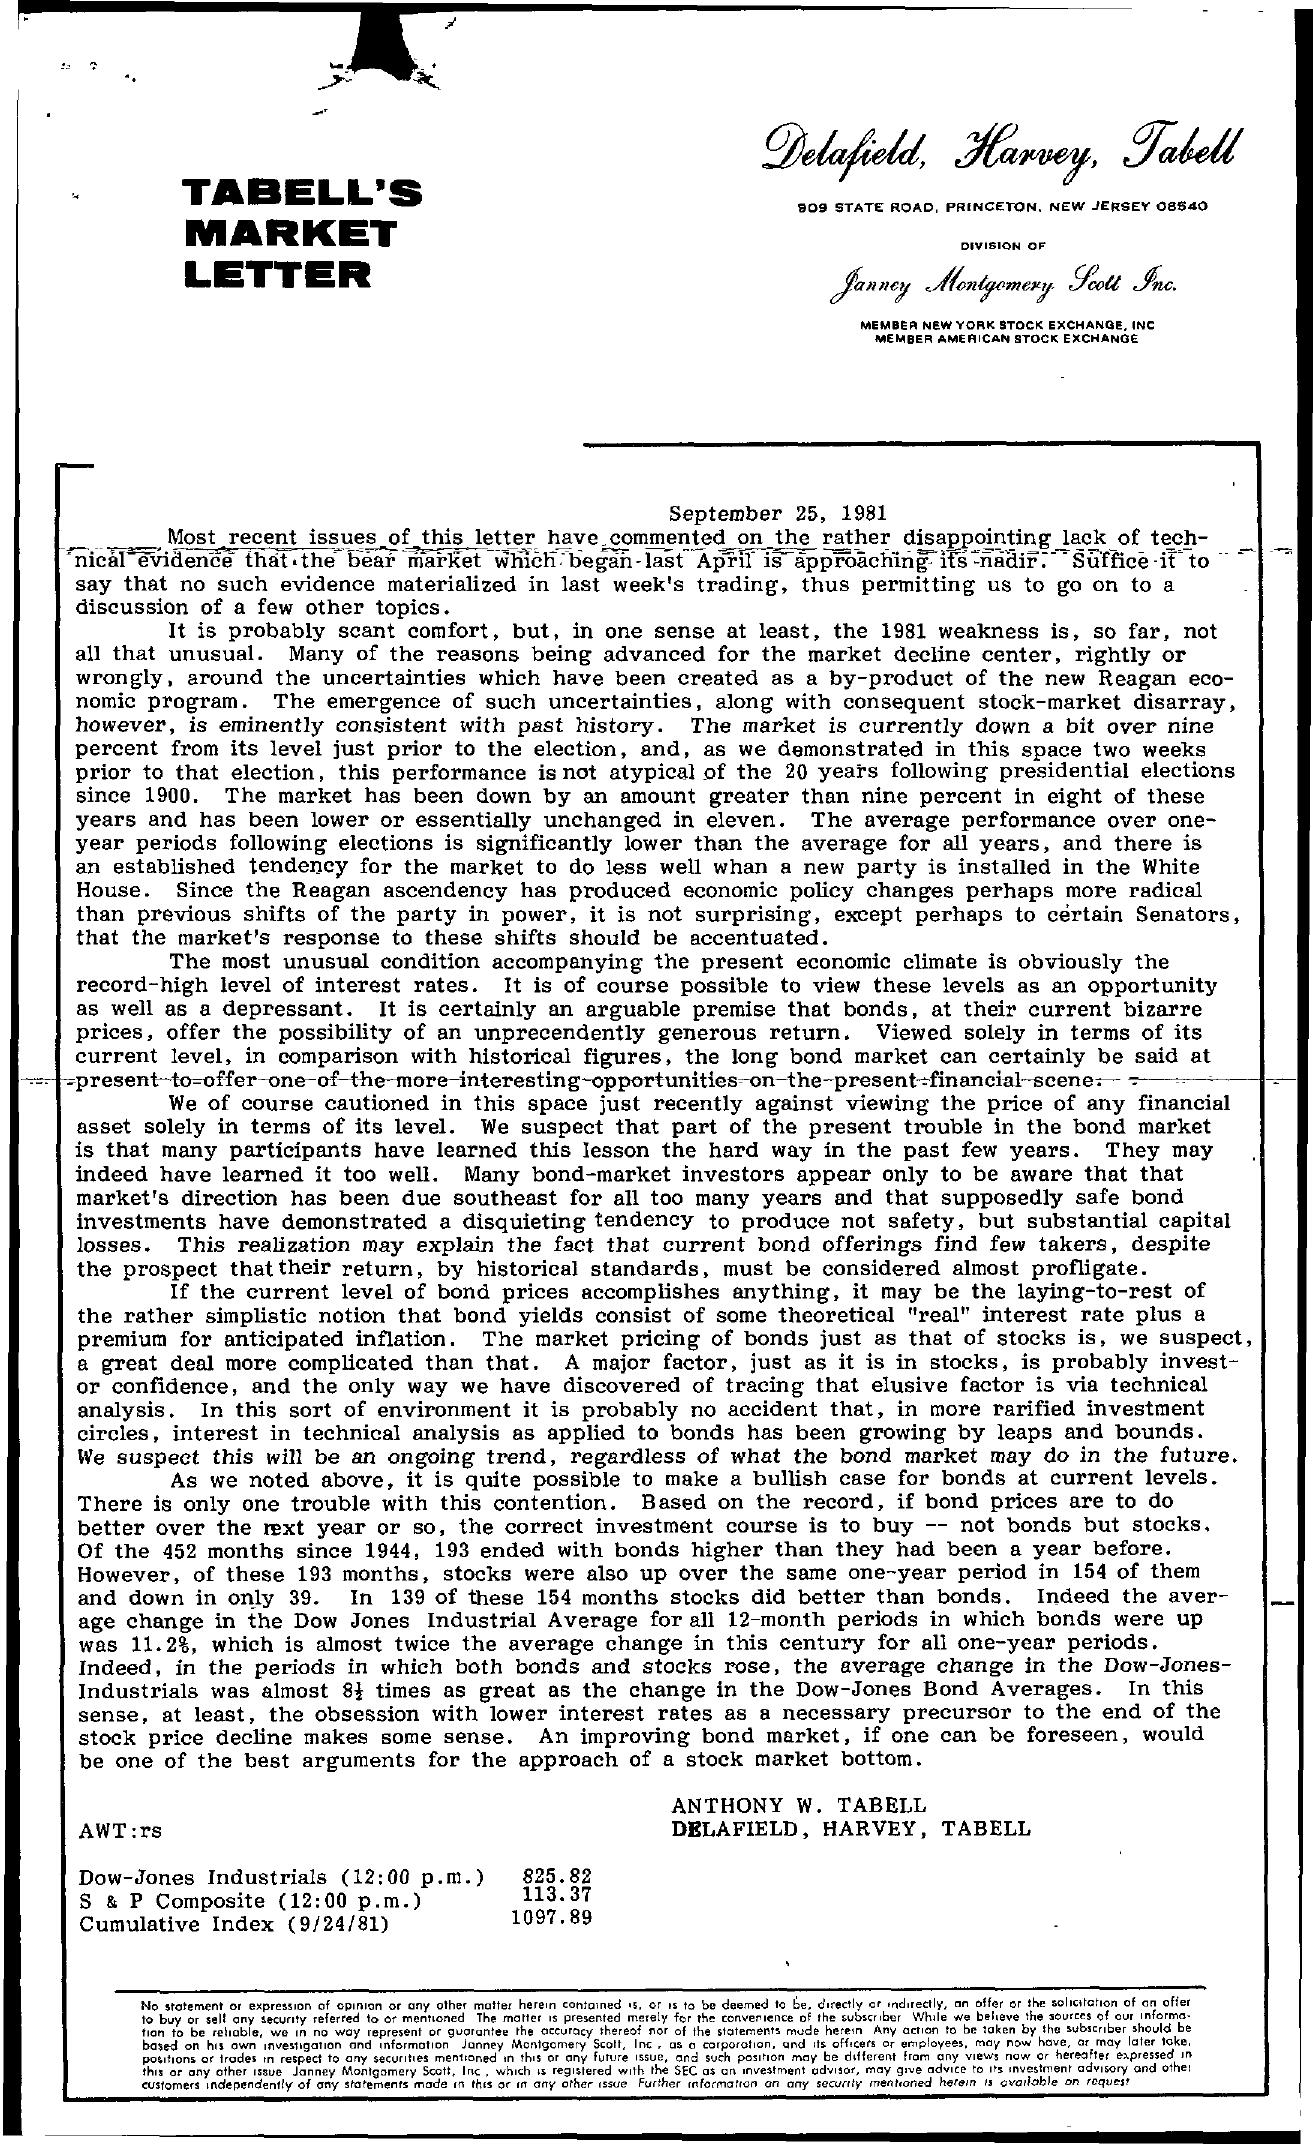 Tabell's Market Letter - September 25, 1981